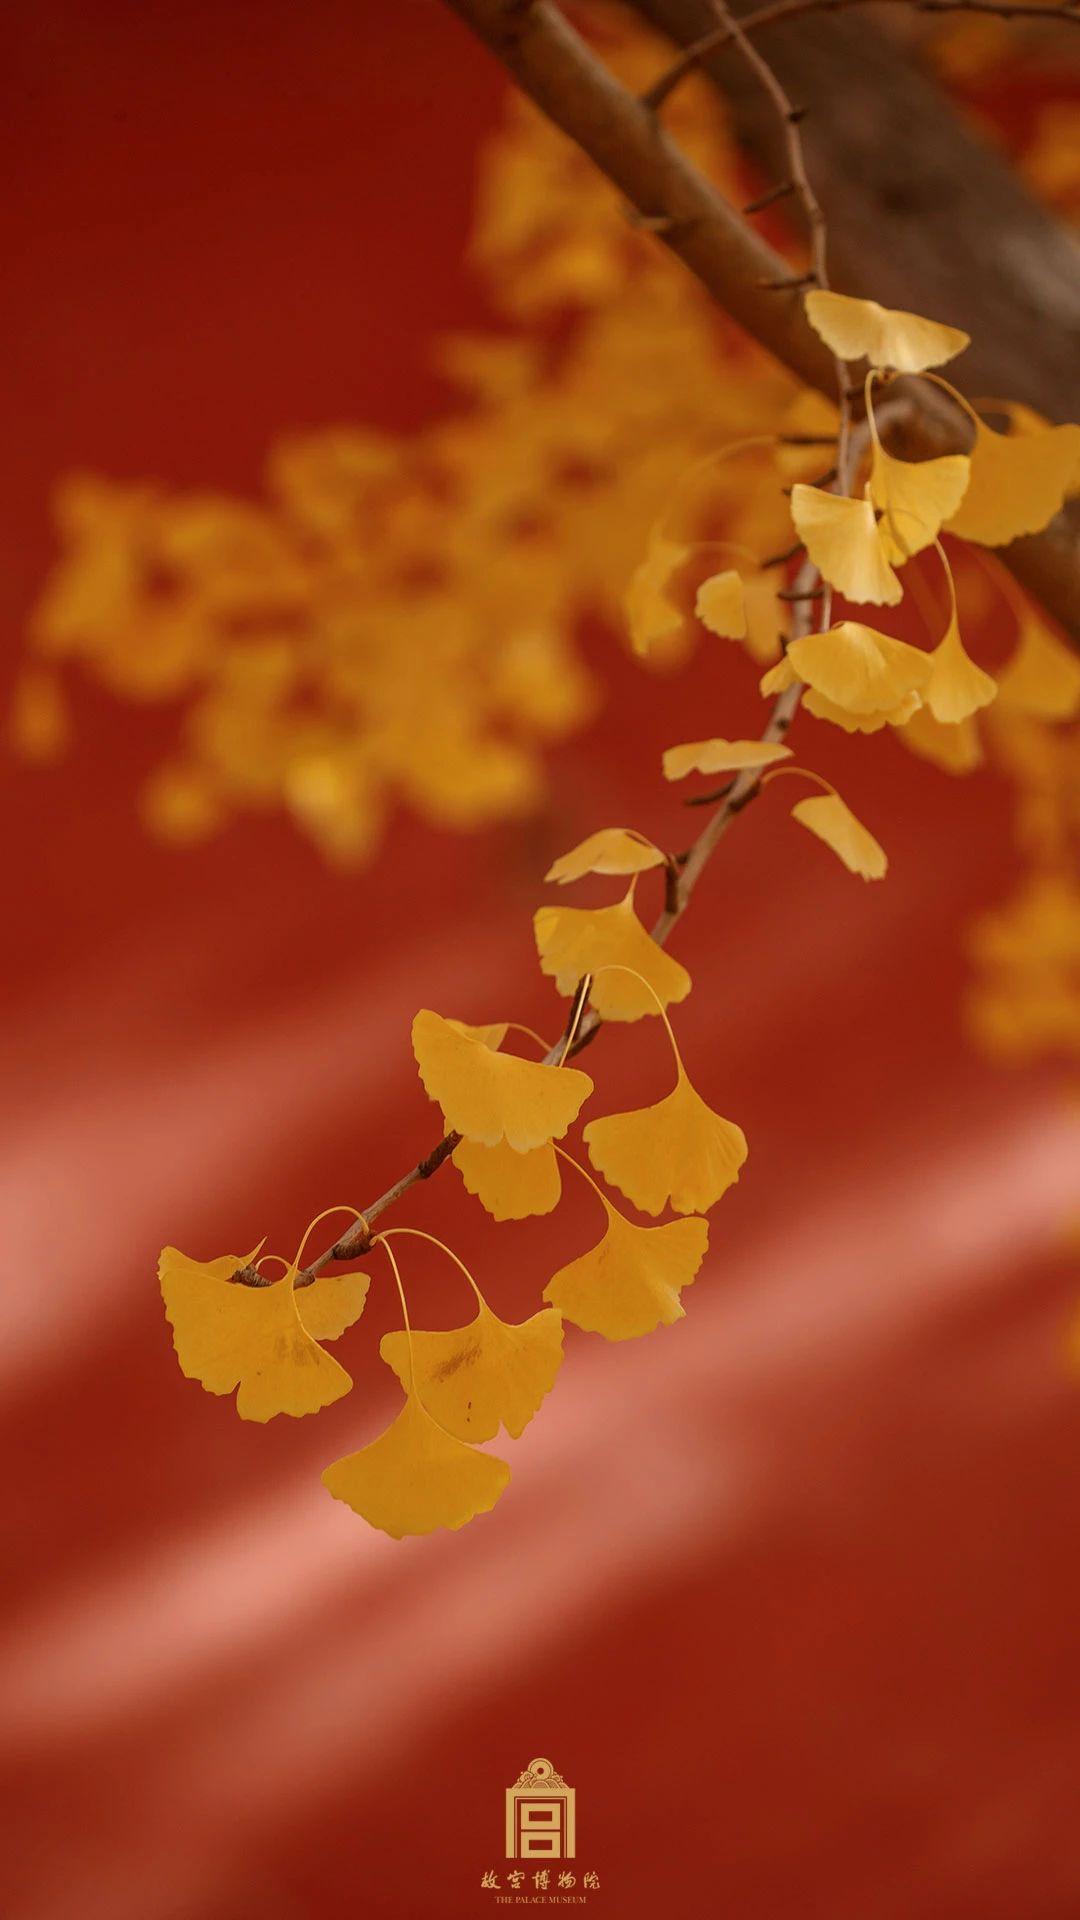 """""""年年陌上生秋草 日日楼中到夕阳"""" 故宫的秋天,请慢一点-小苏-每日微信精选"""